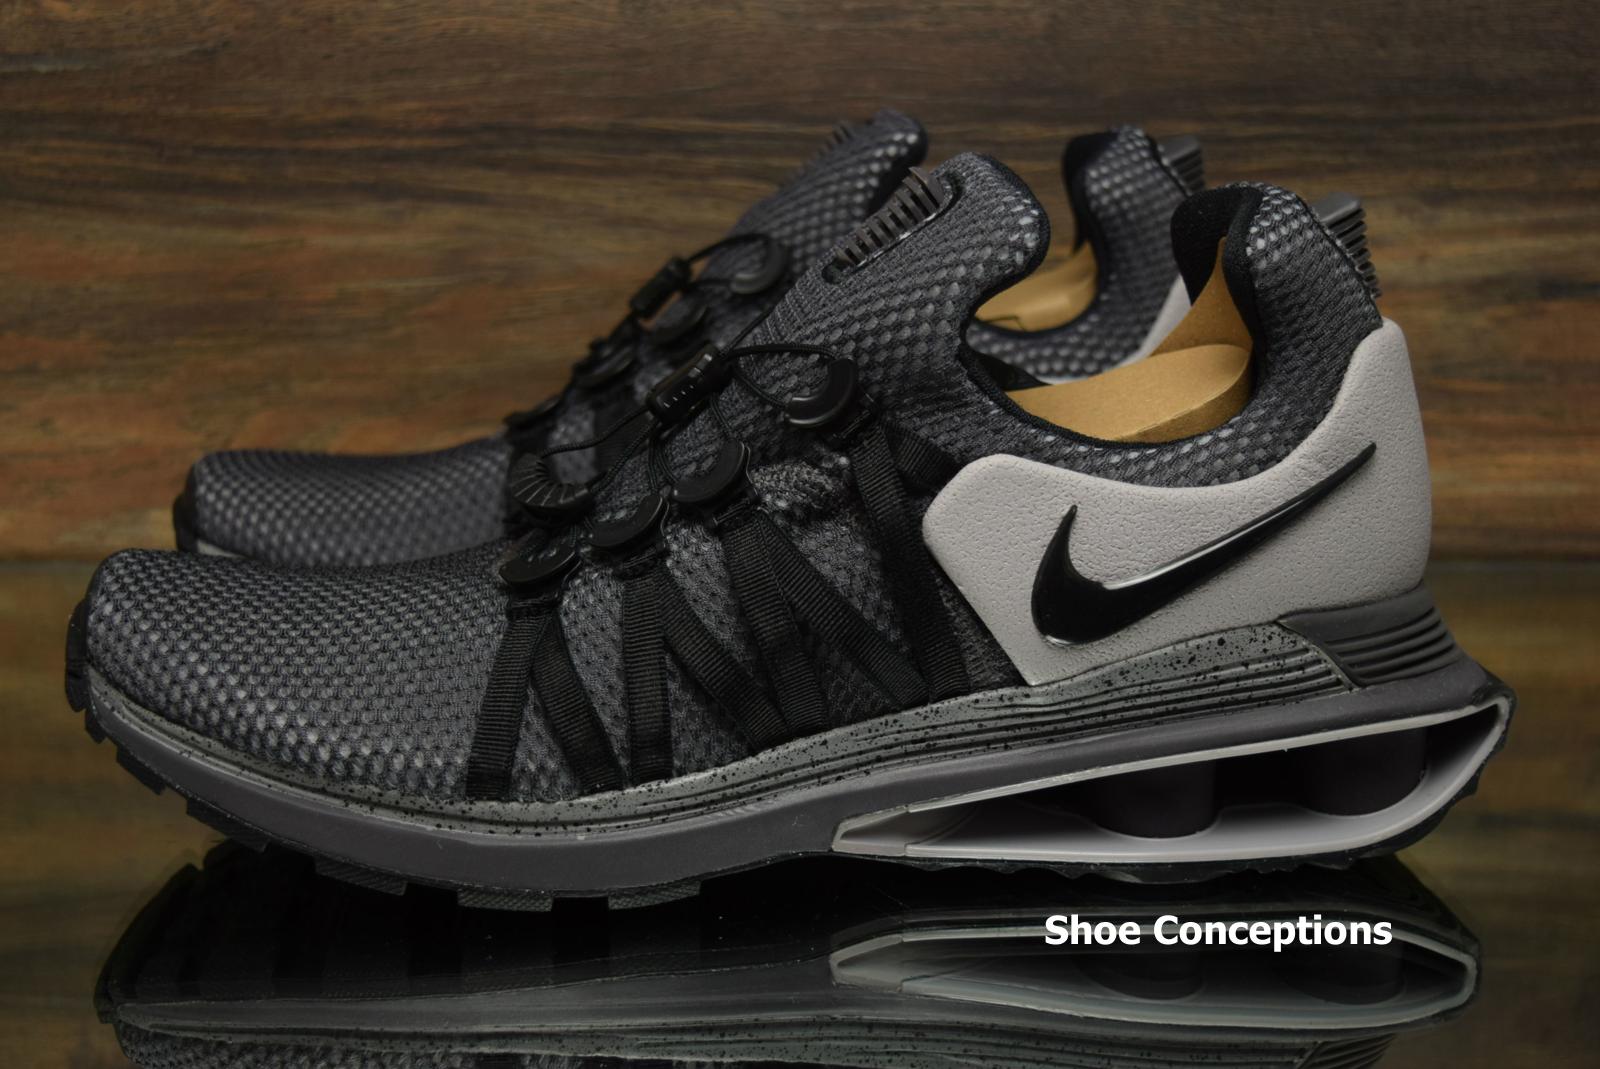 Nike shox anthrazit schwerkraft anthrazit shox schwarzen ar1999-011 laufschuhe  - multi - 620259